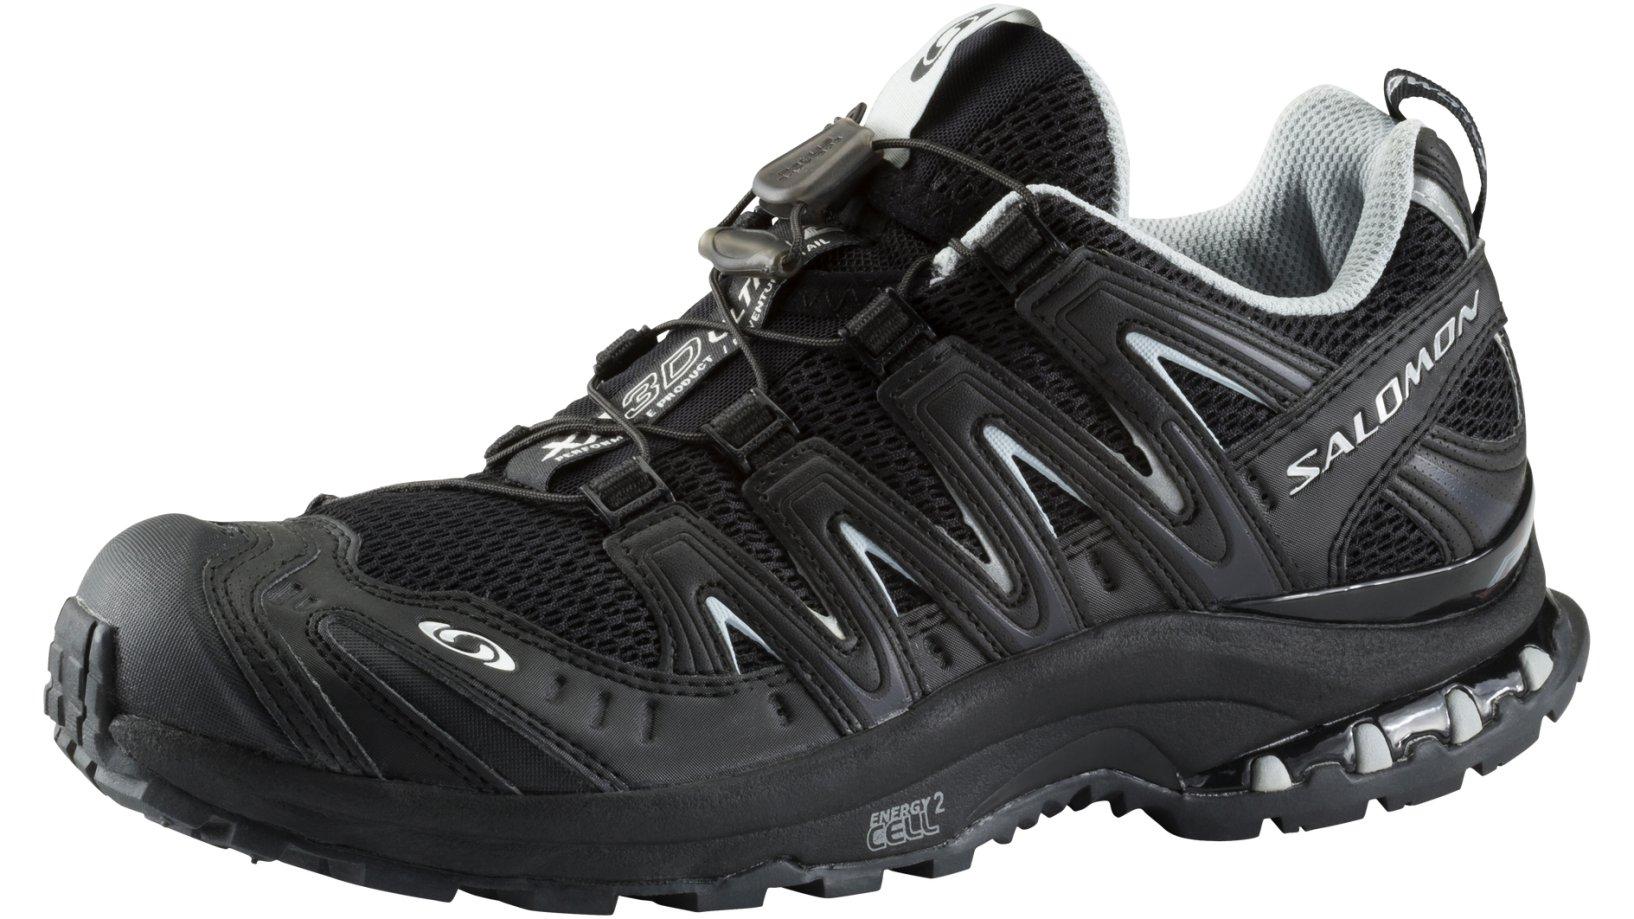 acheter pas cher 01c6b 8a9f9 Chaussures Salomon XA PRO 3D ULTRA GTX